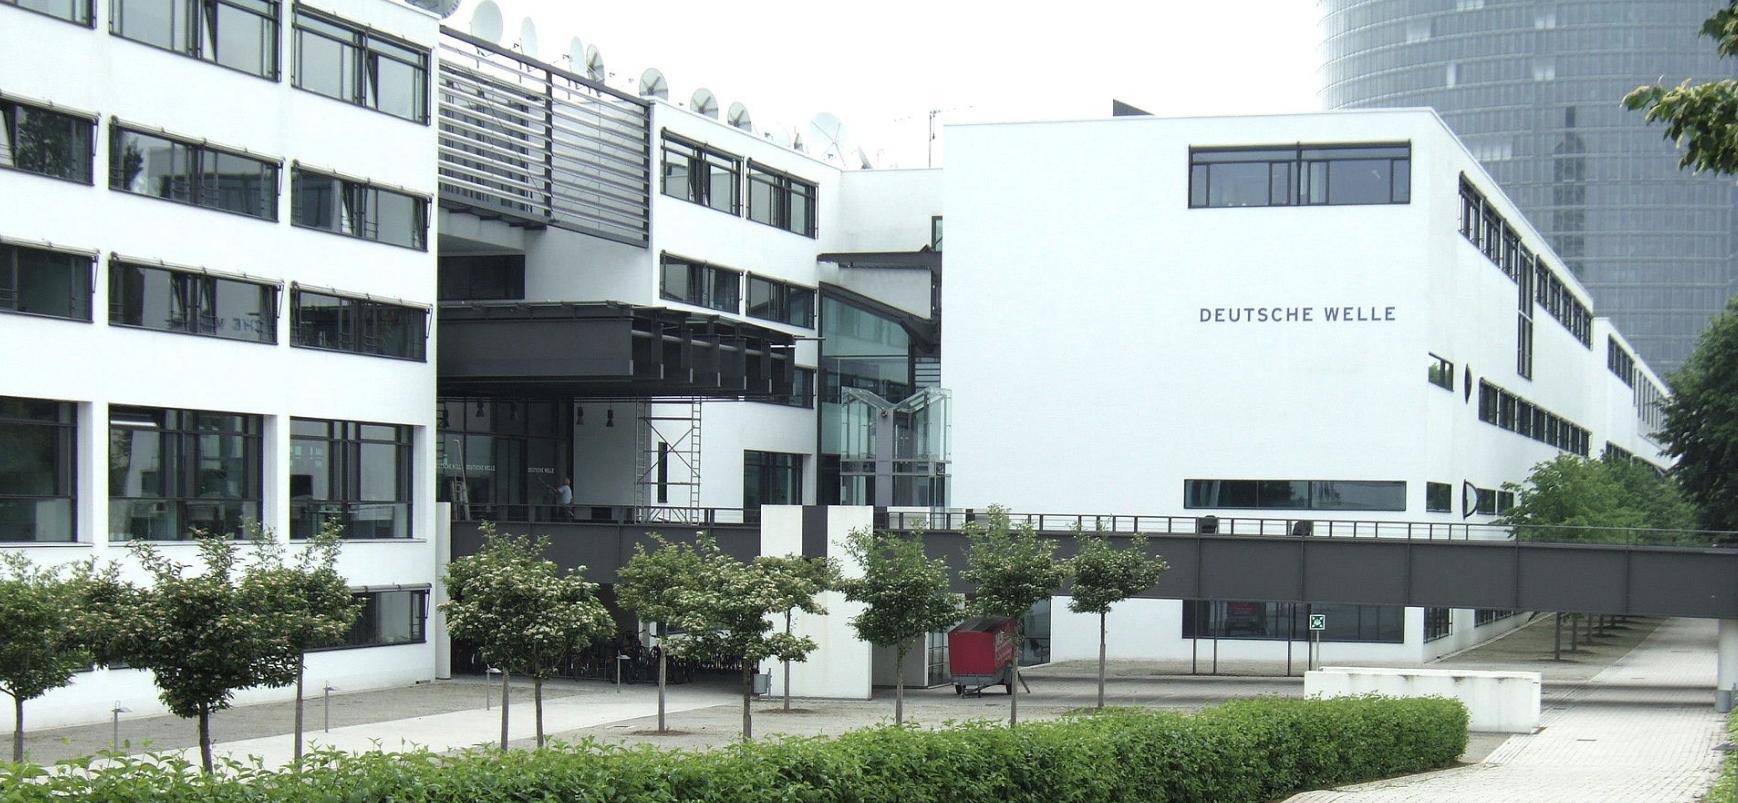 """<p>Фото © <a href=""""https://ru.wikipedia.org/wiki/Deutsche_Welle#/media/%D0%A4%D0%B0%D0%B9%D0%BB:Bonn_DeutscheWelle_Posttower.jpg"""" target=""""_self"""">Wikipedia</a></p>"""